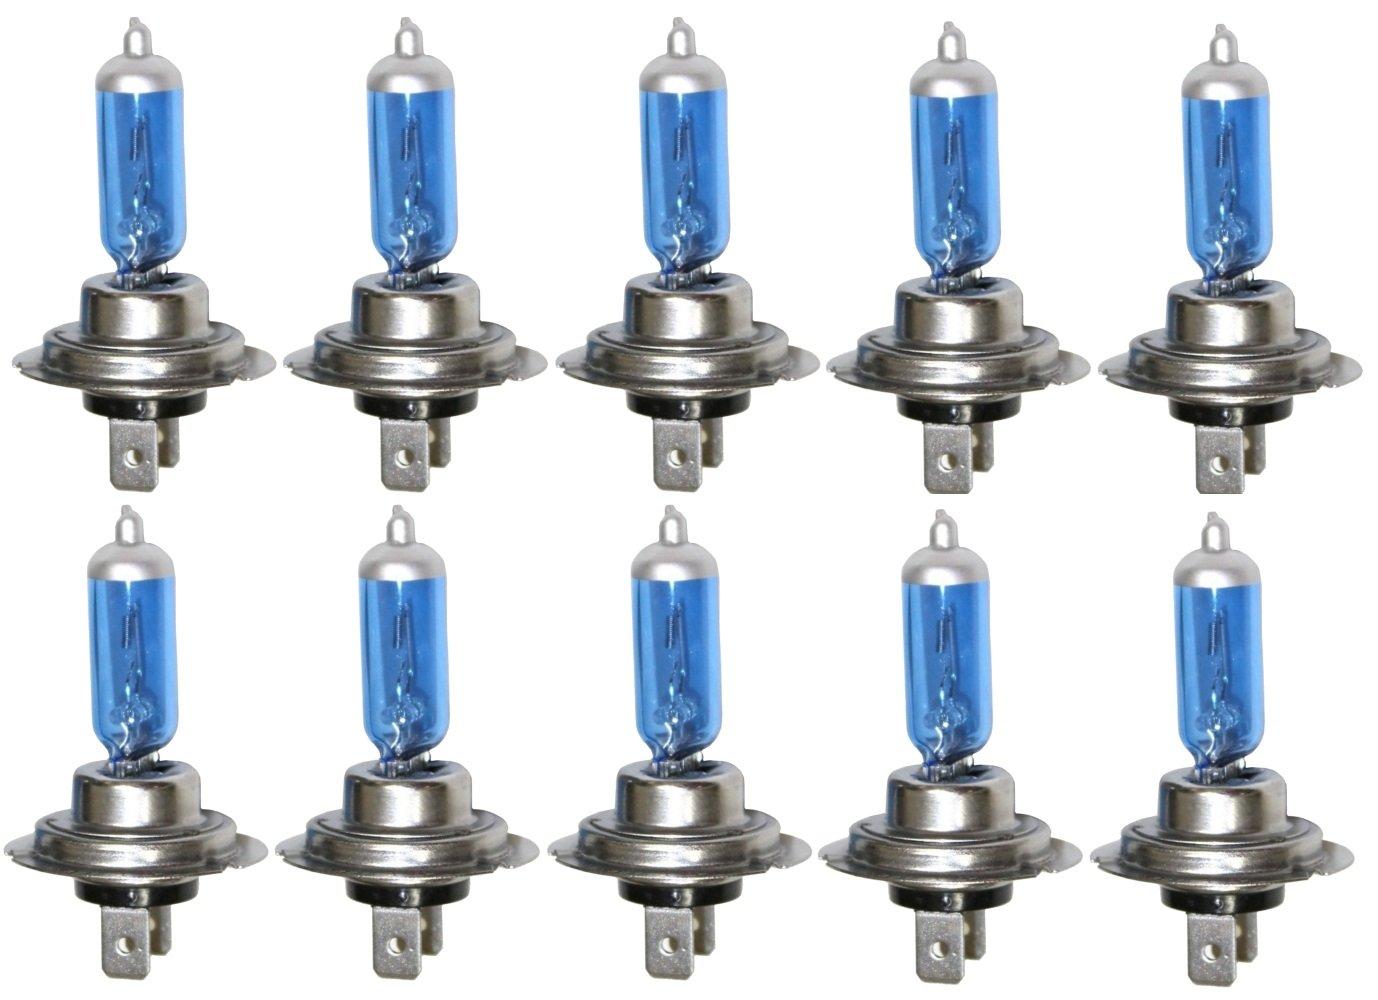 Aerzetix: Lot de 10 Ampoules H7 24V 100W à Effet Xénon pour camion poids lourd C2051-K22-R11x10